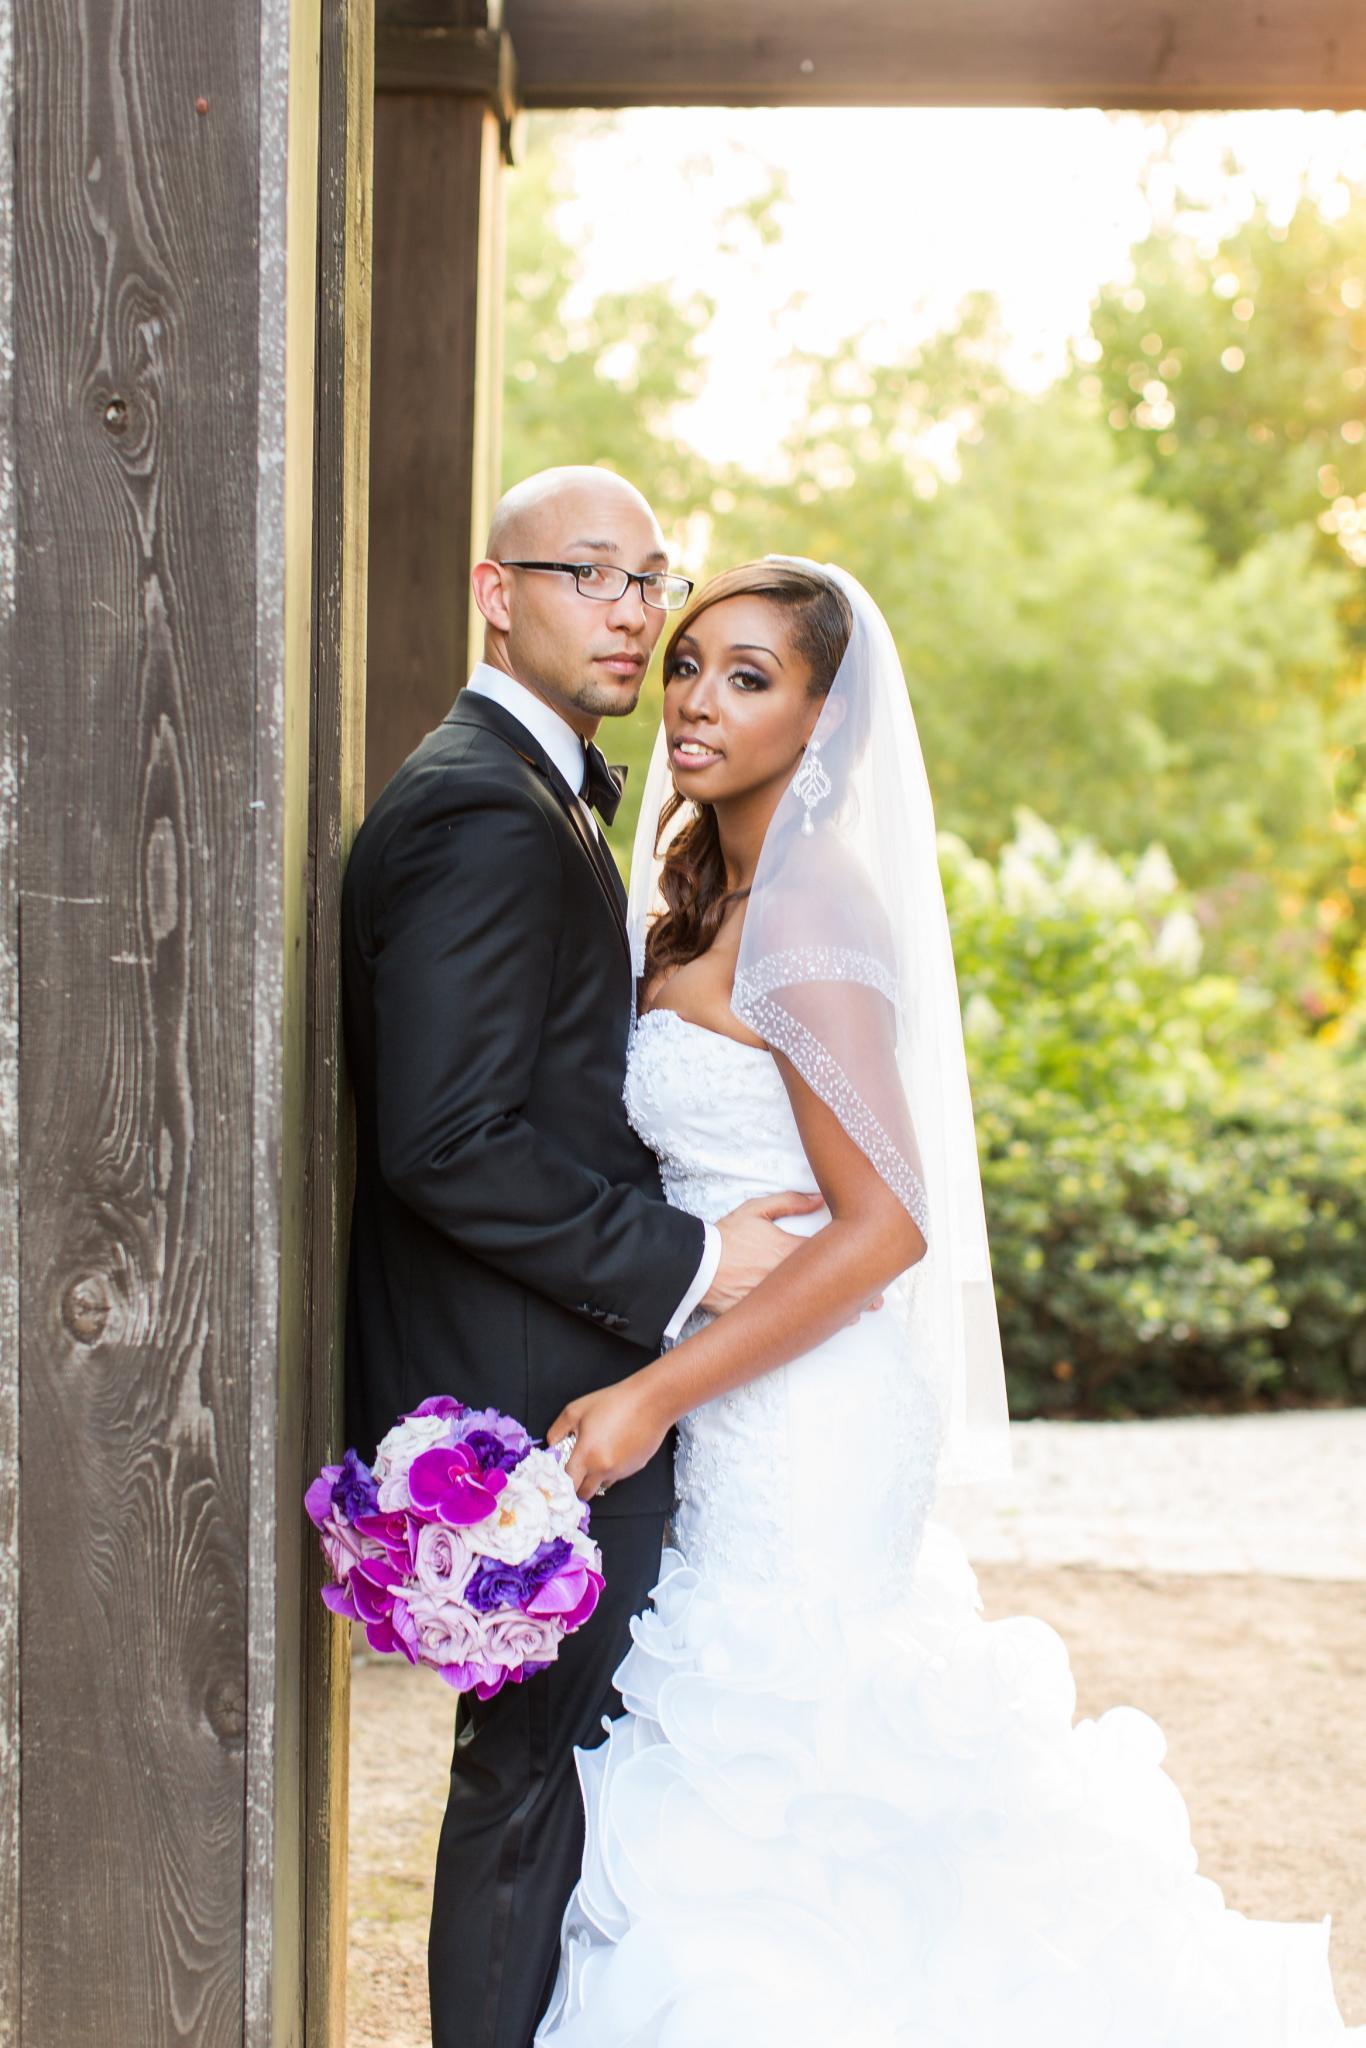 60 Wedding Vows For Couples - Luvzilla